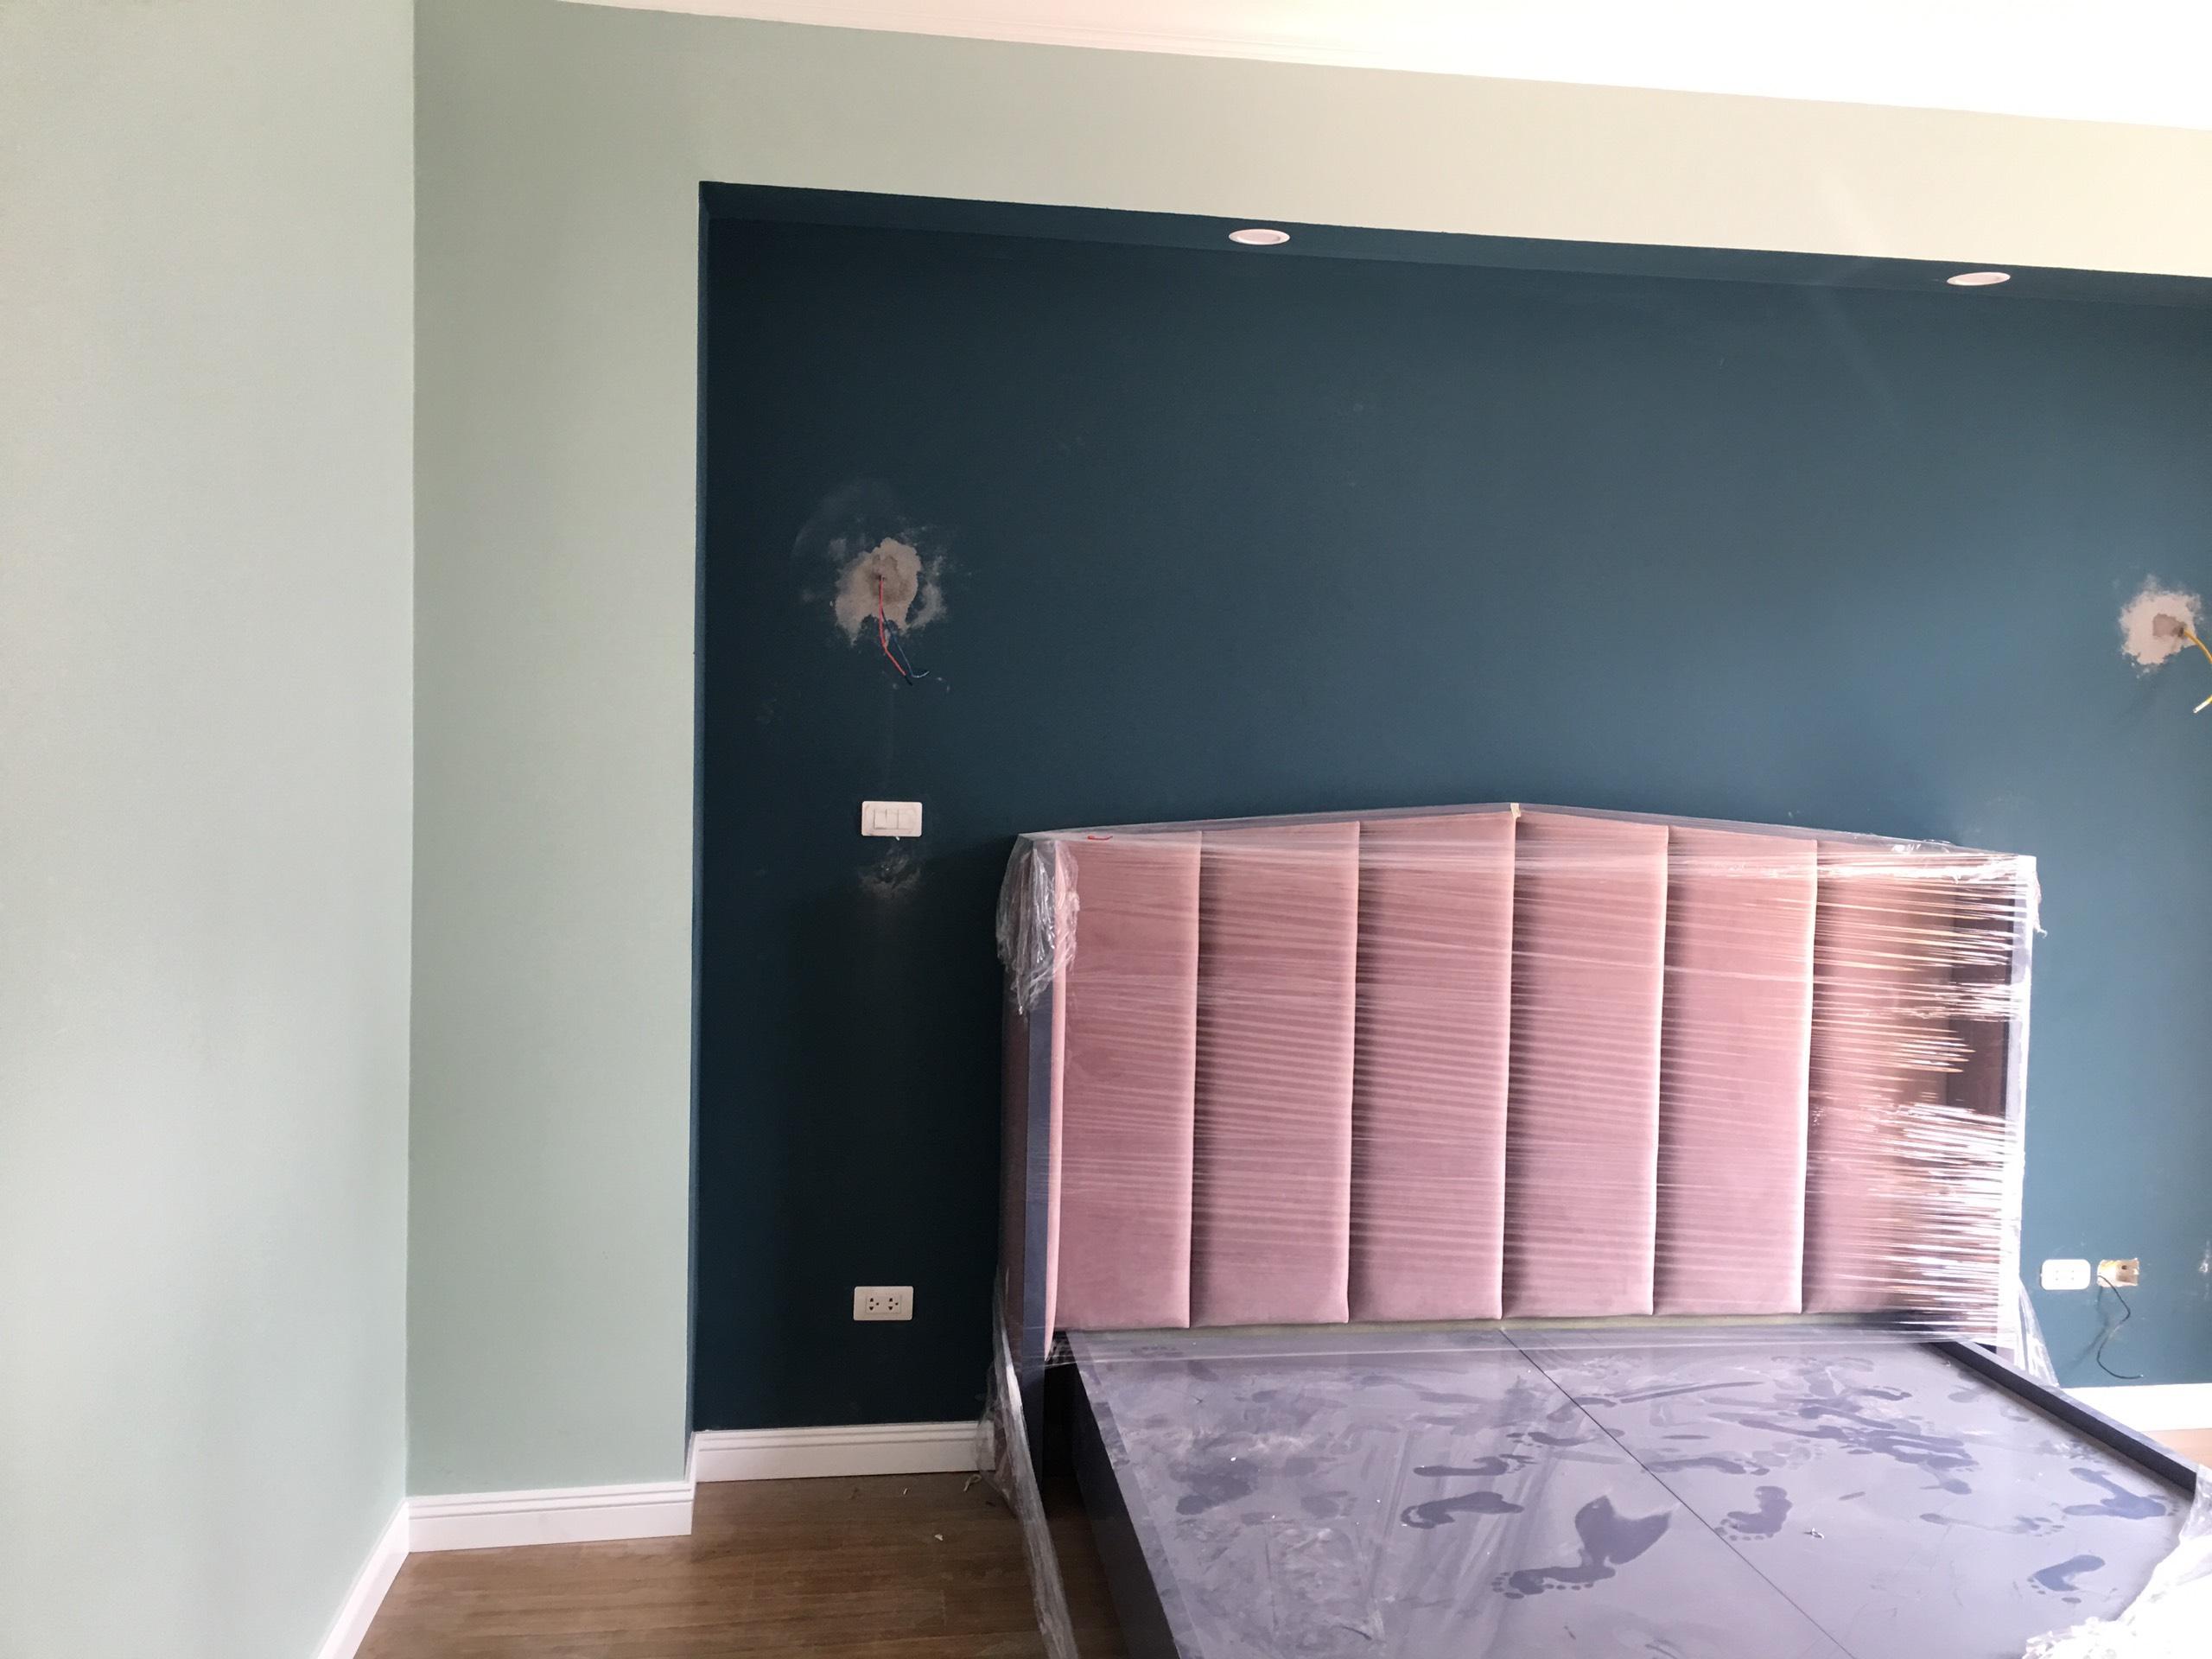 Sơn tường xanh đậm tạo điểm nhấn phòng ngủ